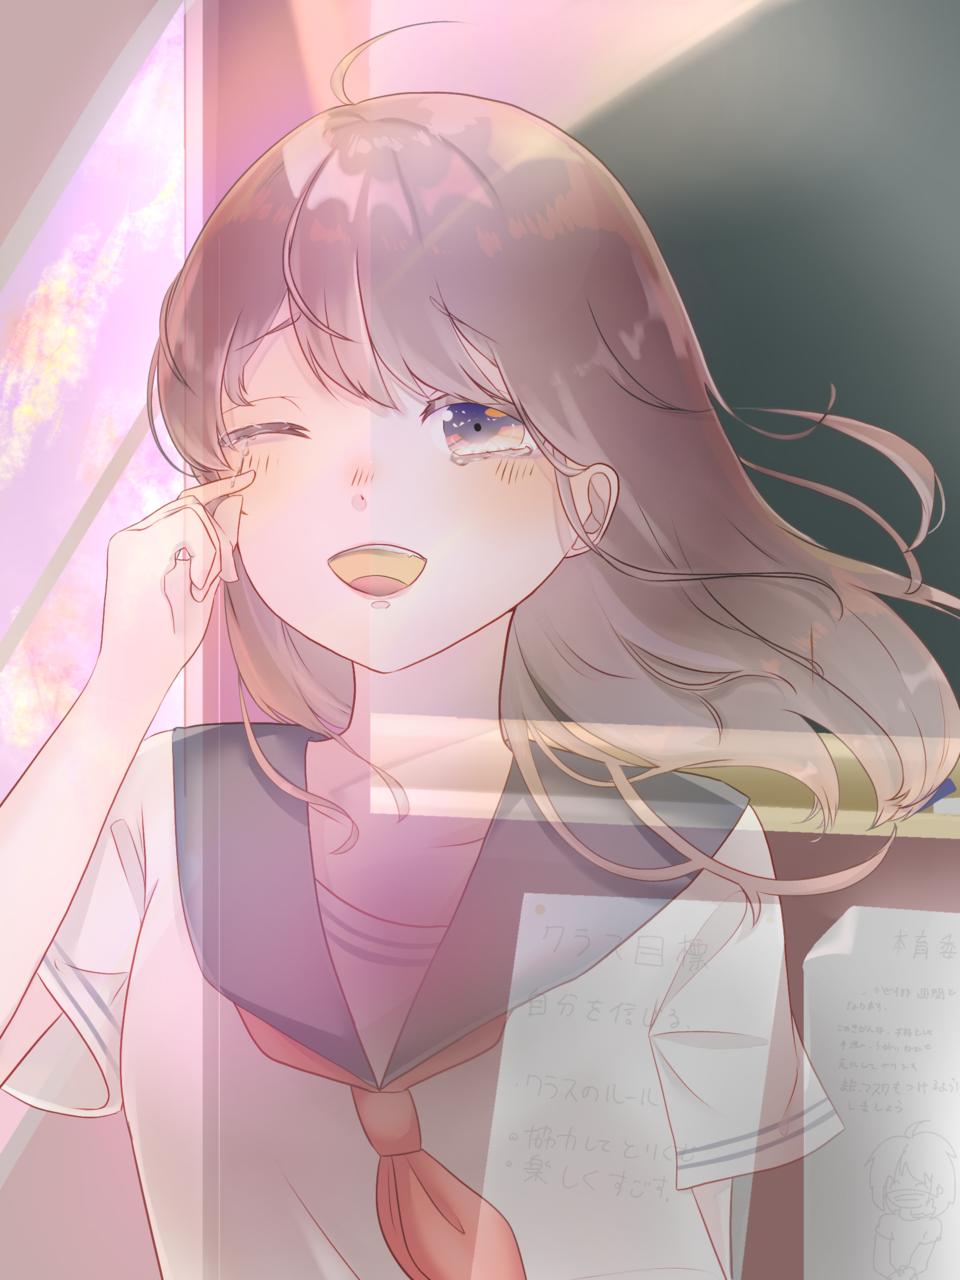 感動的な別れ Illust of えりね Original_Illustration_Contest 幽霊 高校生 tears 別れ 学校 girl sailor_uniform sunset woman